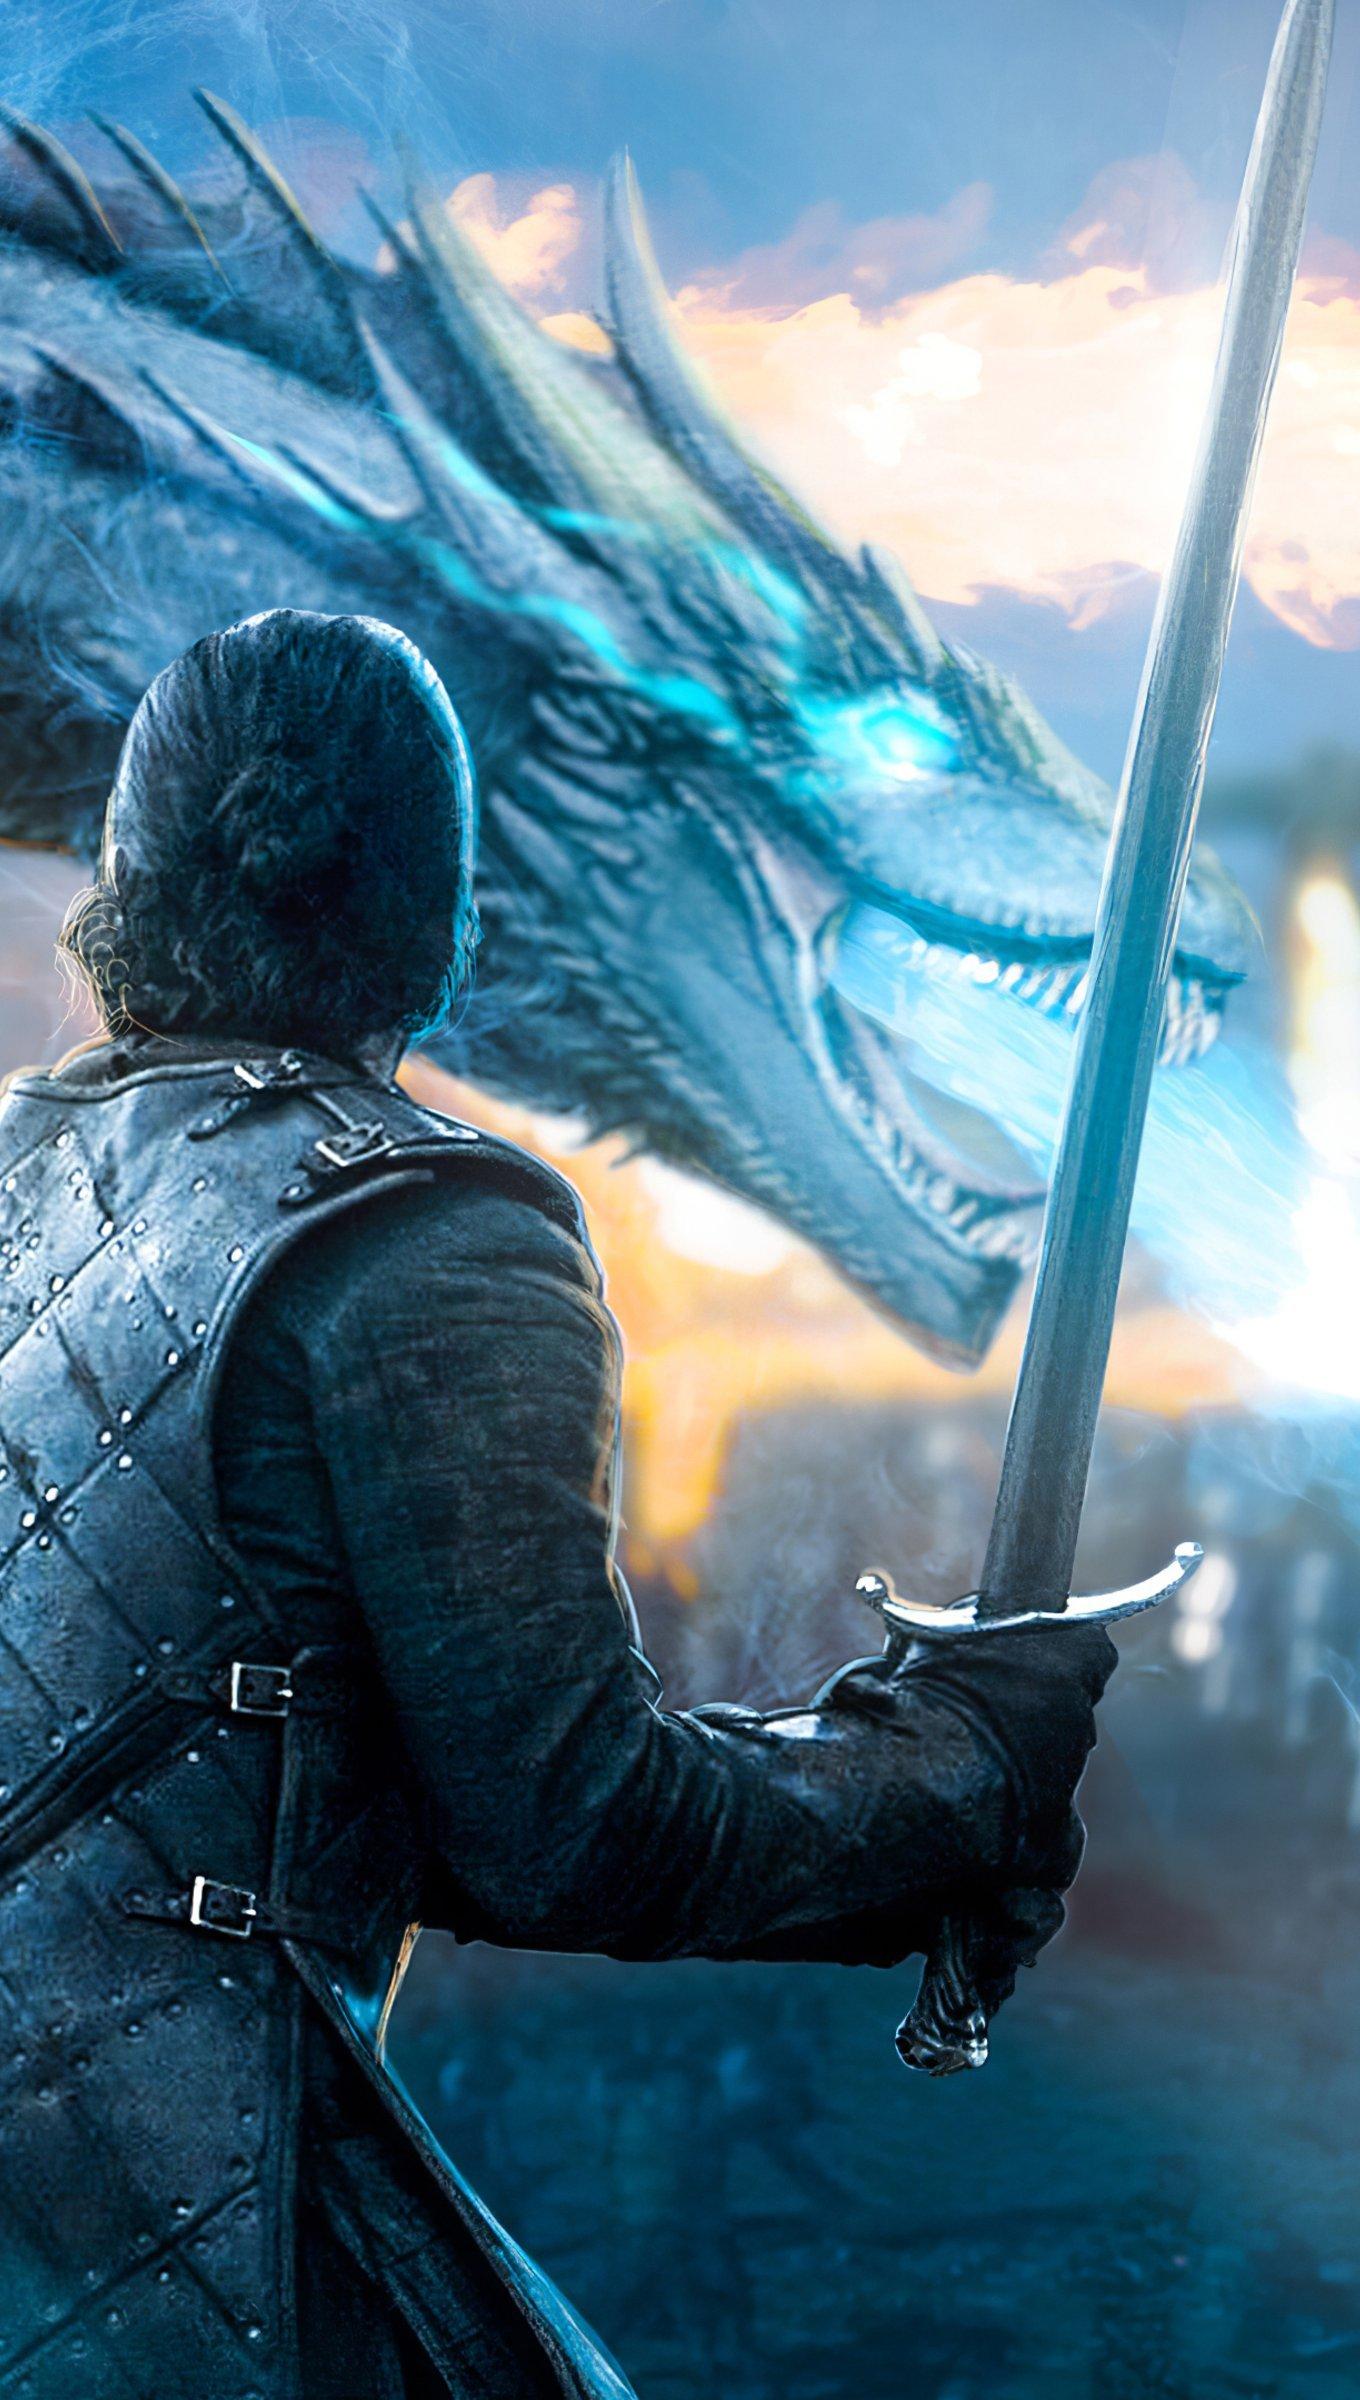 Fondos de pantalla Jon Snow con dragón de Juego de Tronos Vertical